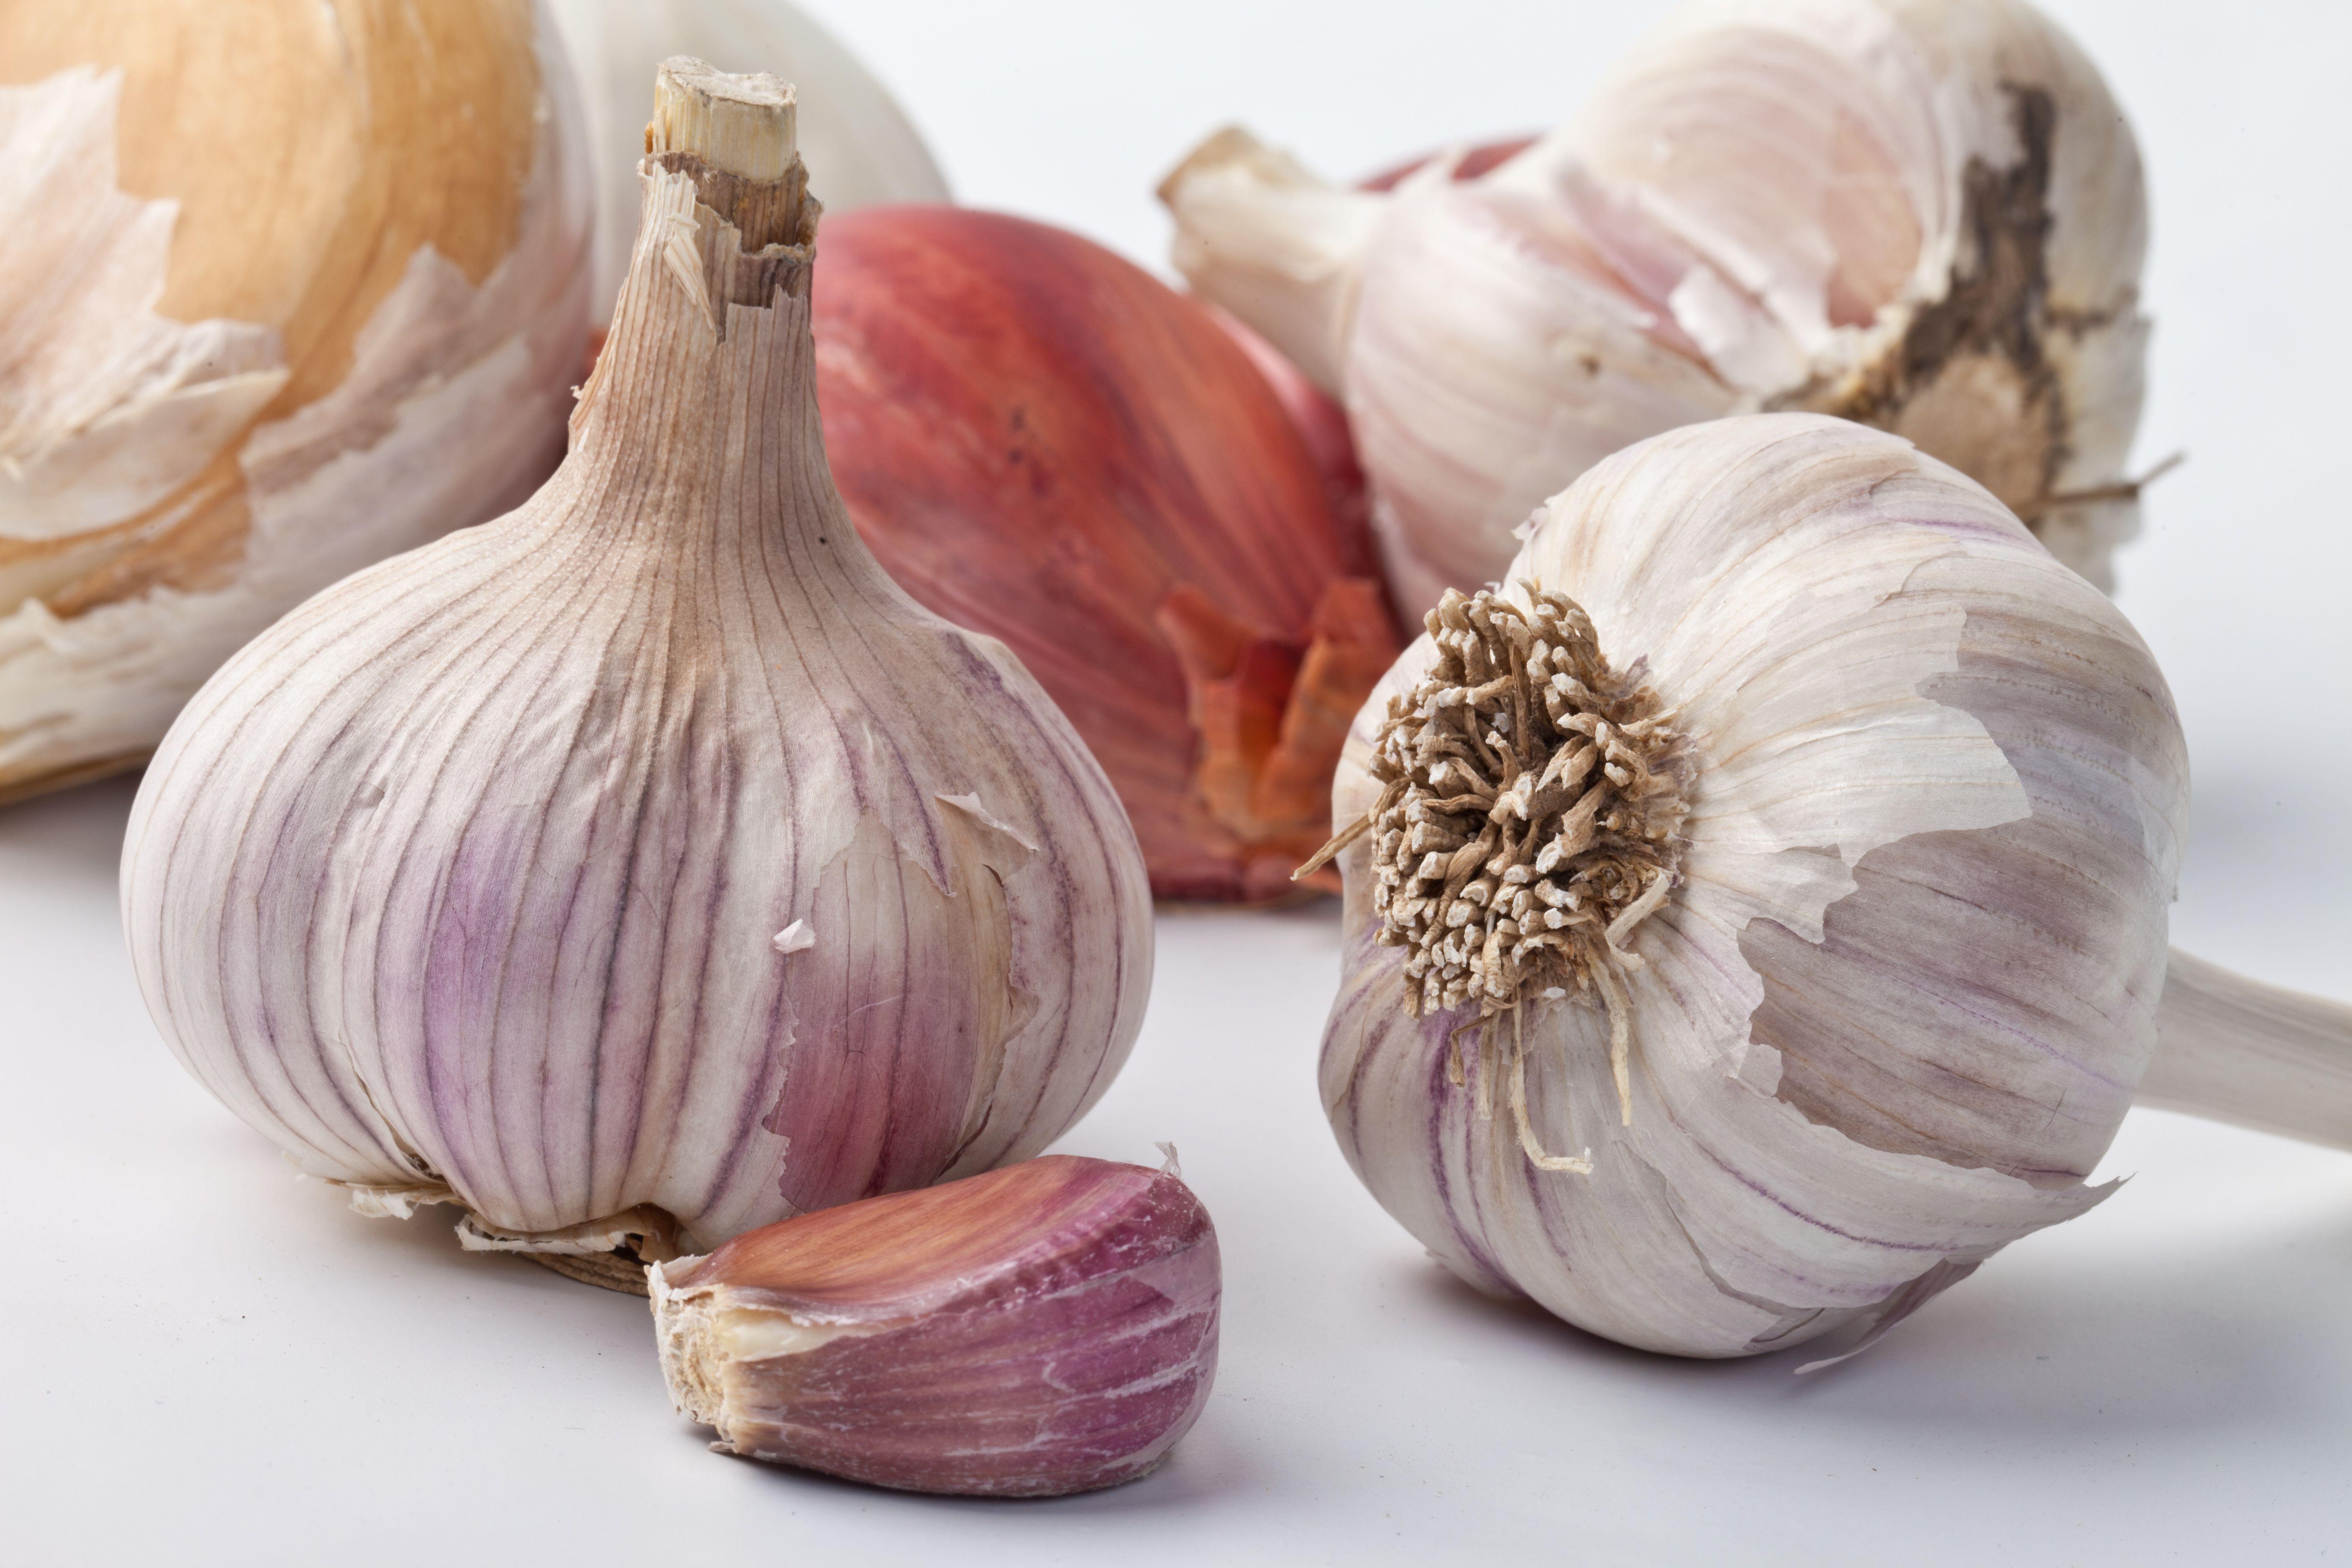 Aglio e cipolla per la salute - Sapori forti ma salutari